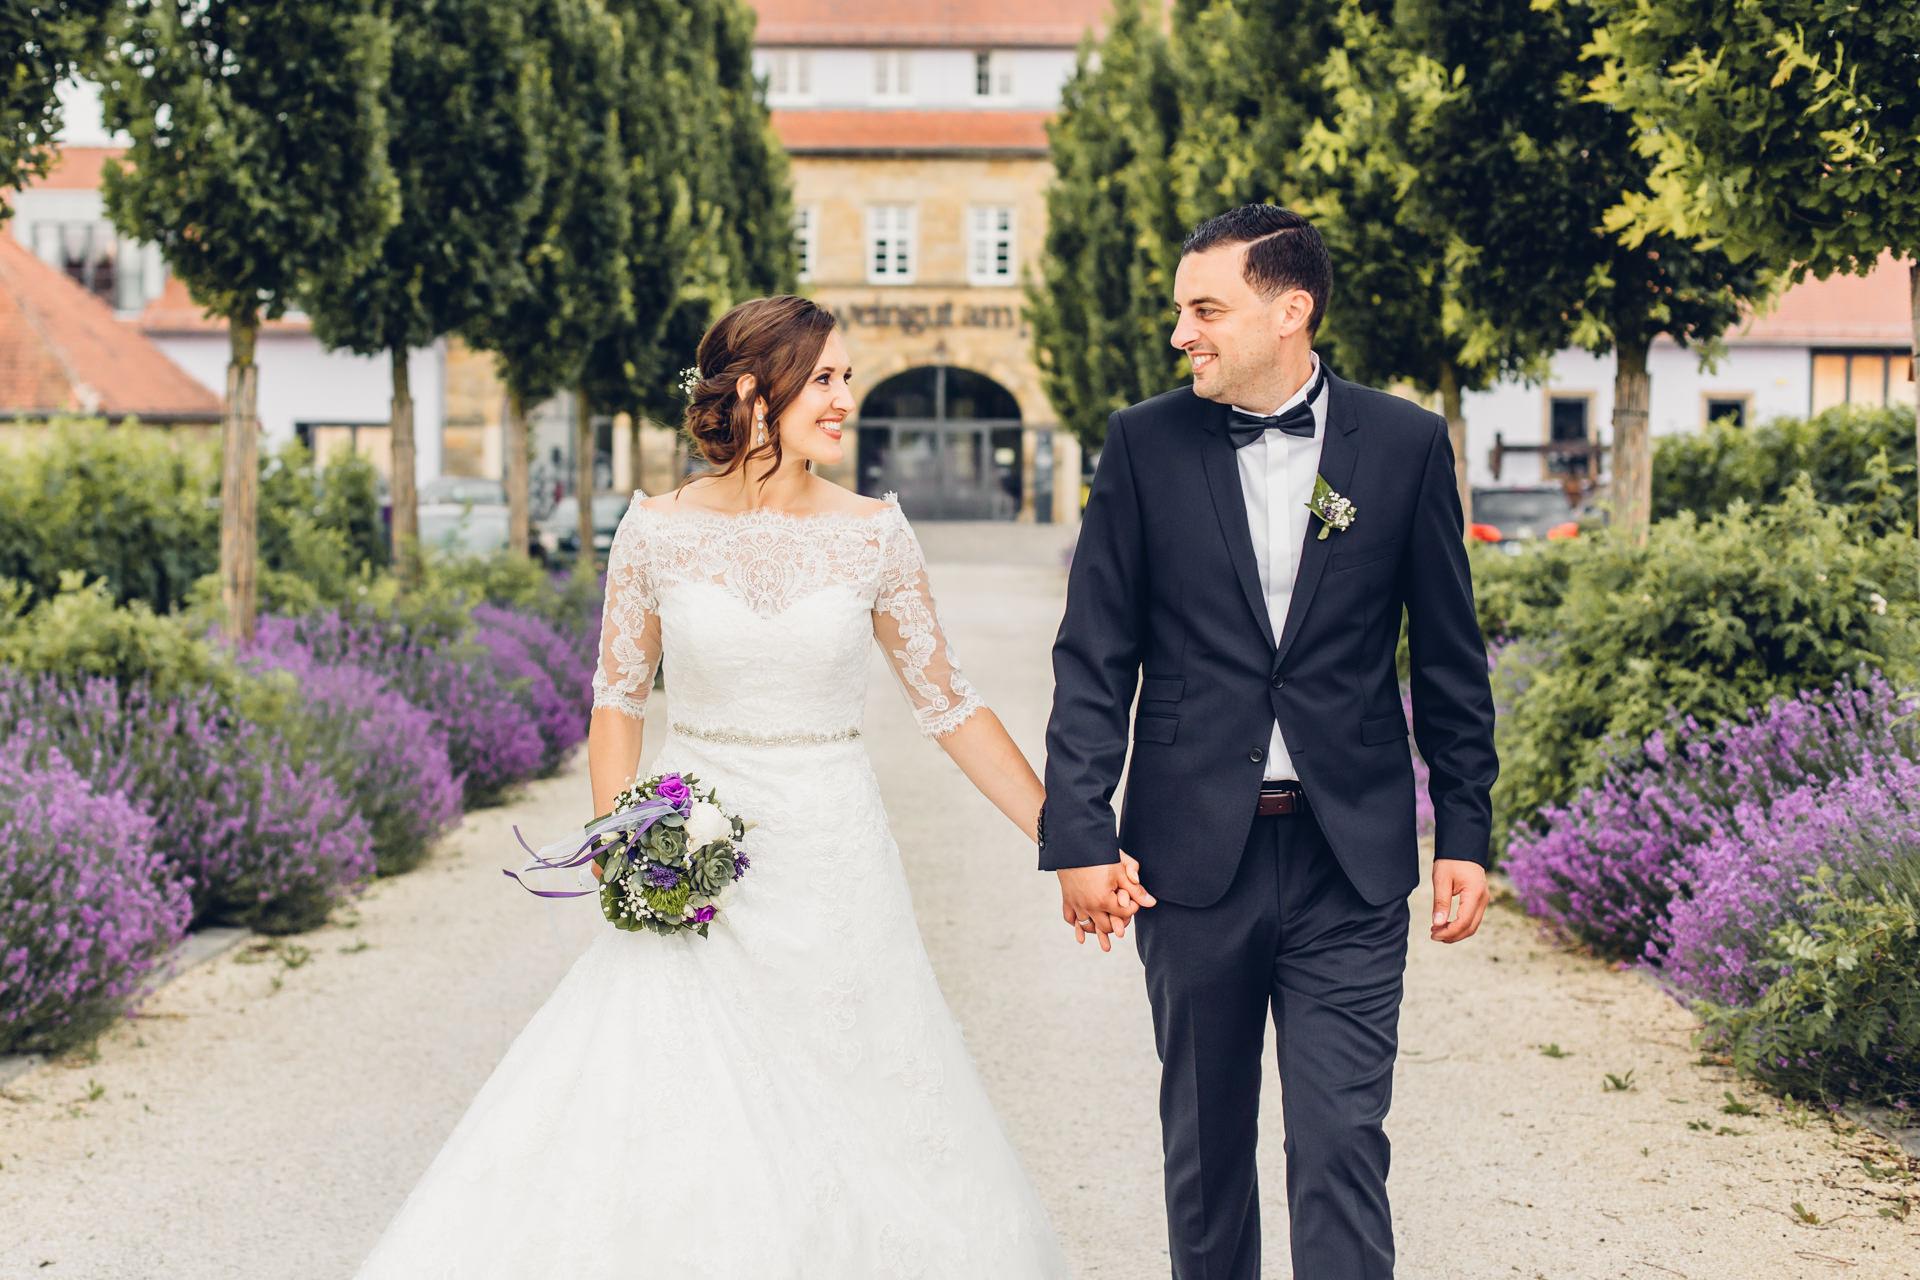 Brautpaar in der gefragten Hochzeitslocation in Kallstadt im Weingut am Nil